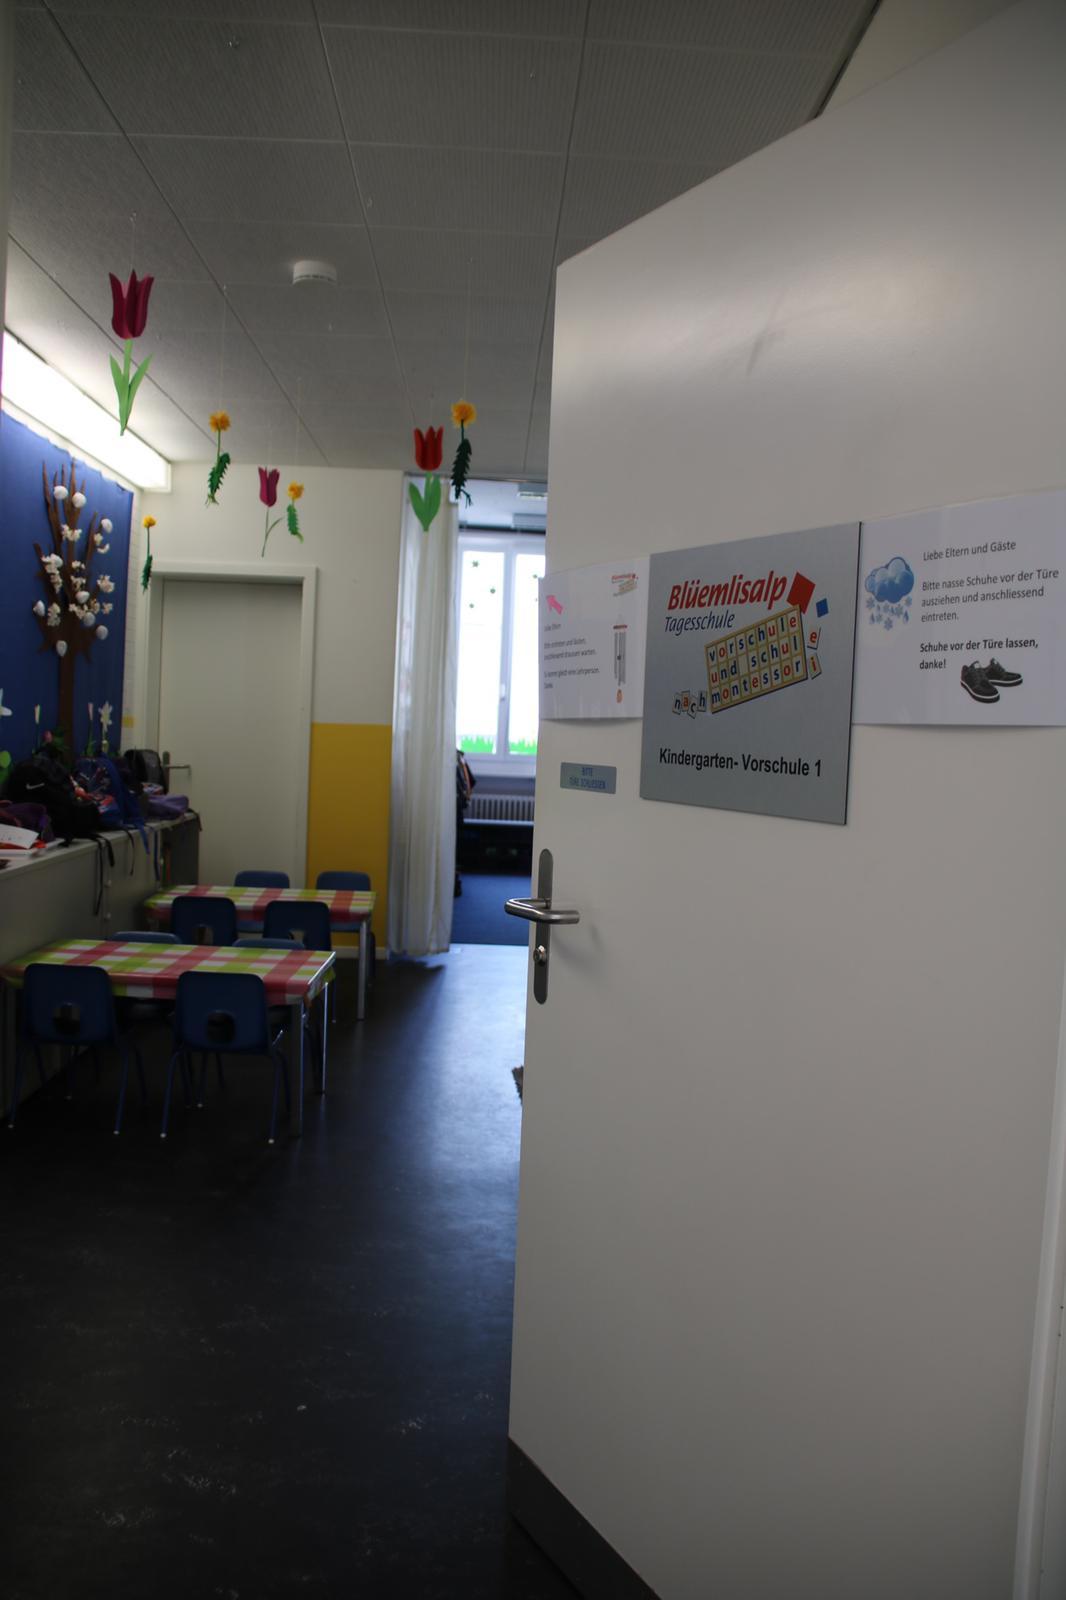 Referenz Schlüsseldienst Zürich Brandwarnanlage BEKA von Daitem Rauchmelder Kindergarten Schule